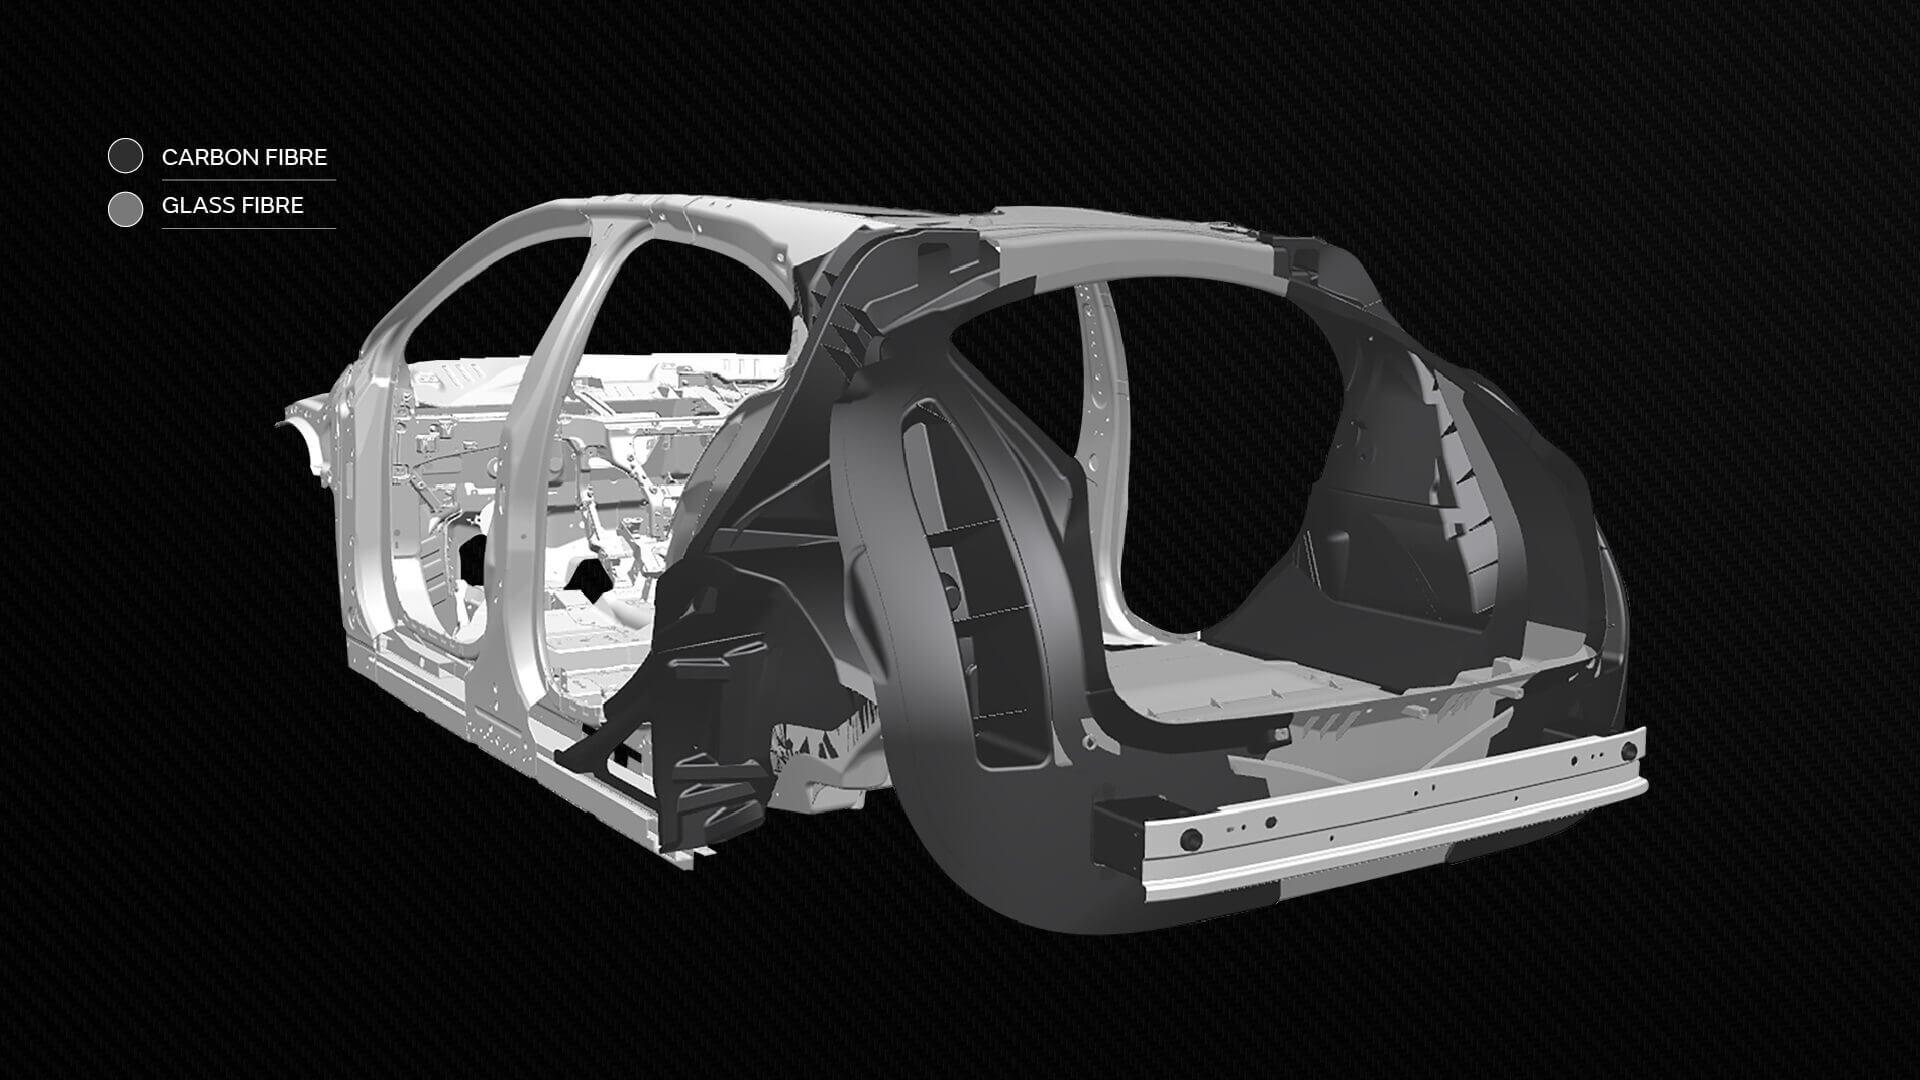 Компания Jaguar Land Rover будет производить электрические автомобили будущего из усовершенствованных композитных материалов